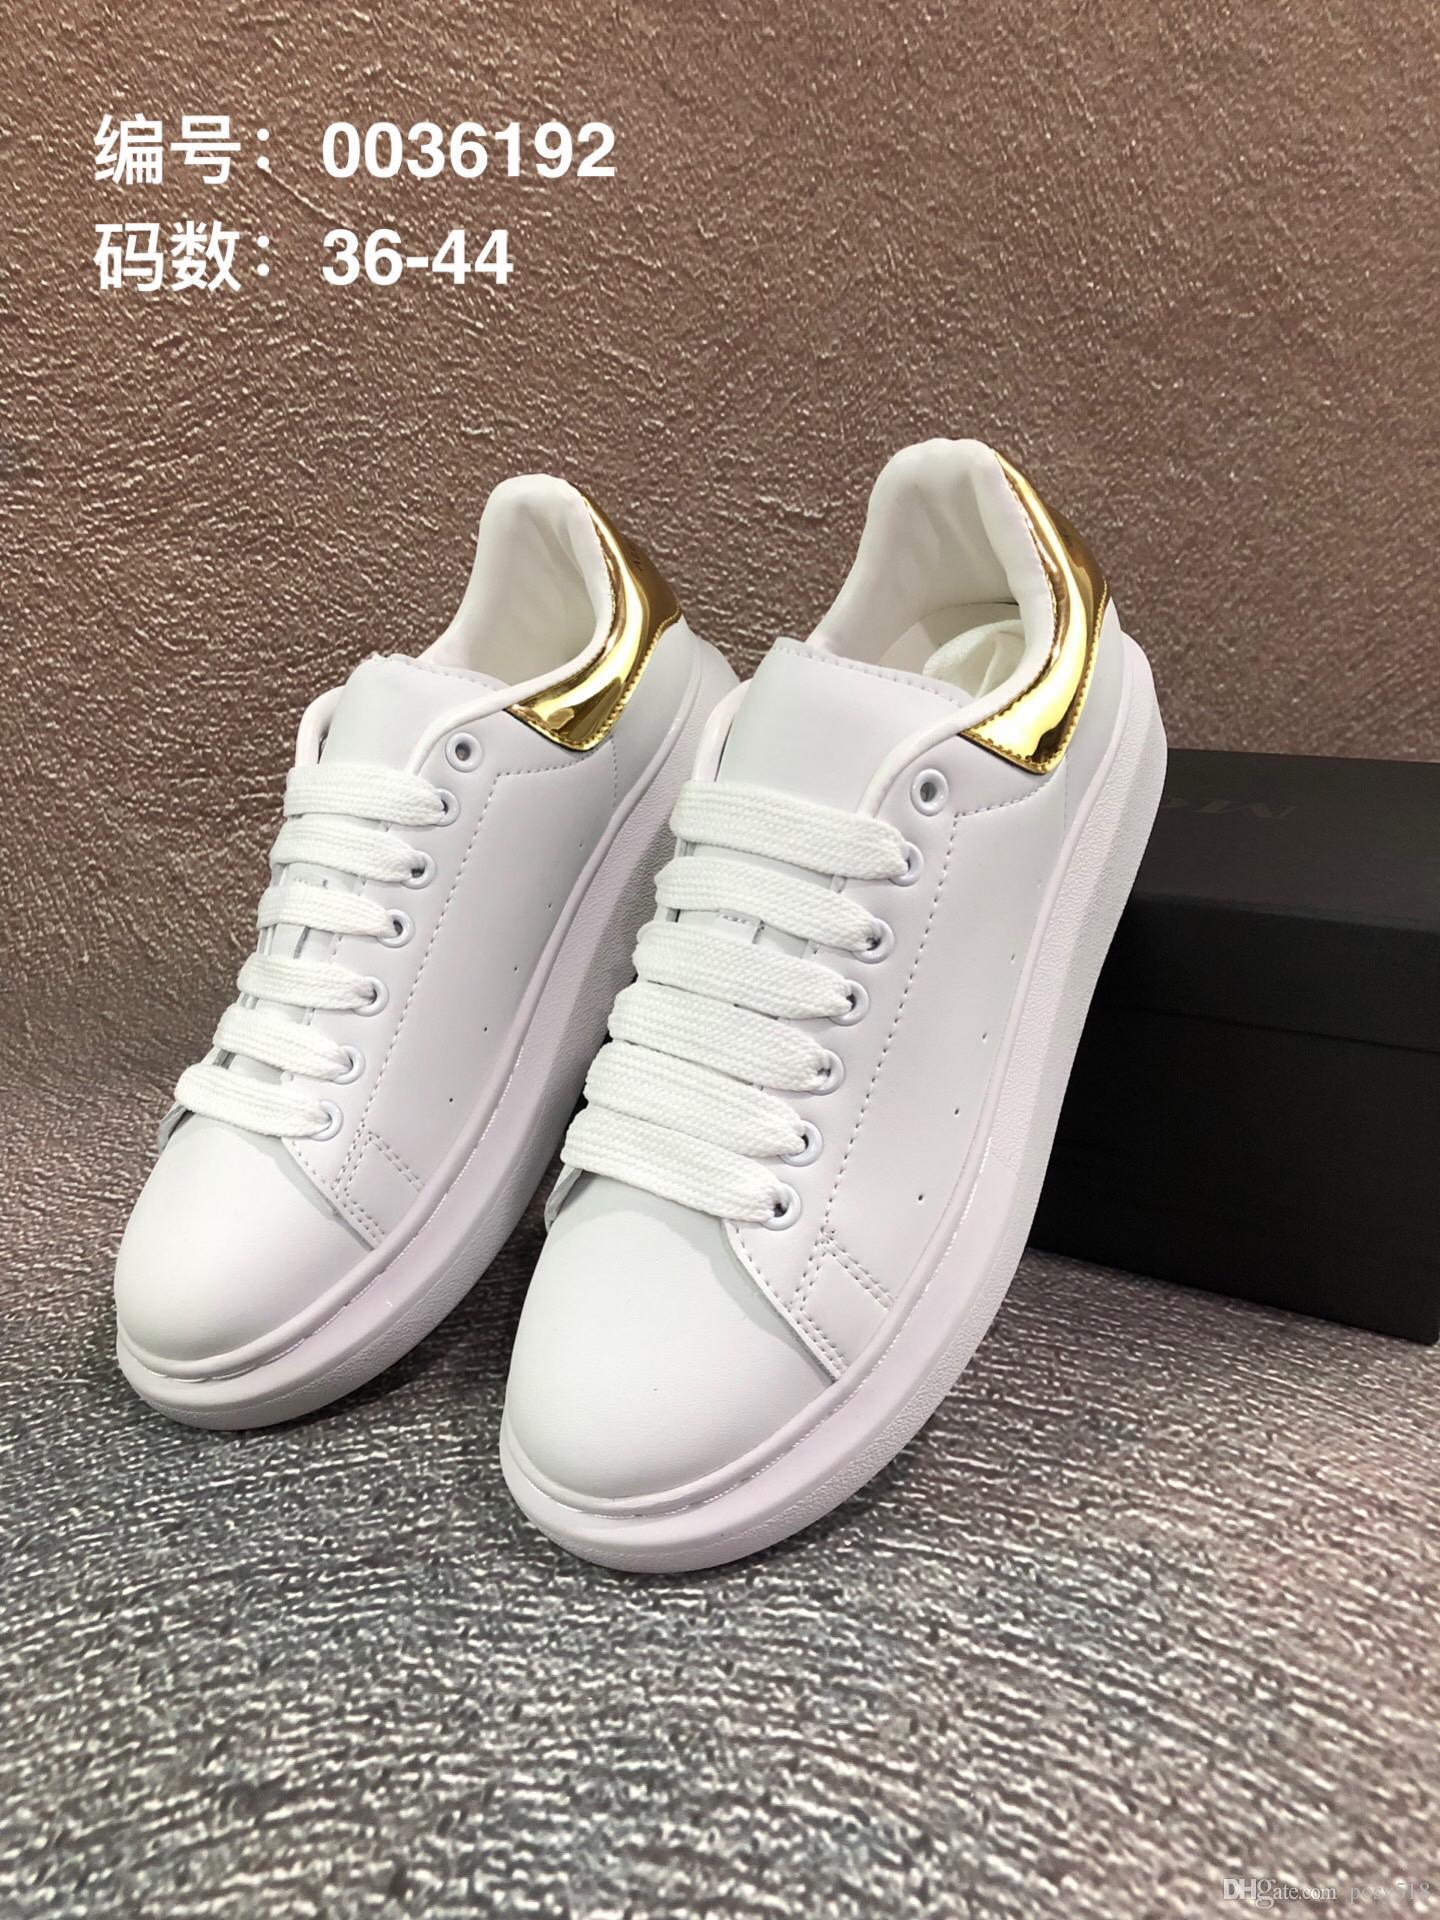 Box 35-44 ile Moda Lüks Tasarımcı Kadın Ayakkabı Erkek Deri Beyaz / Altın Sneakers Erkek Kadın Platformu Eğitmenler Ayakkabı 2019